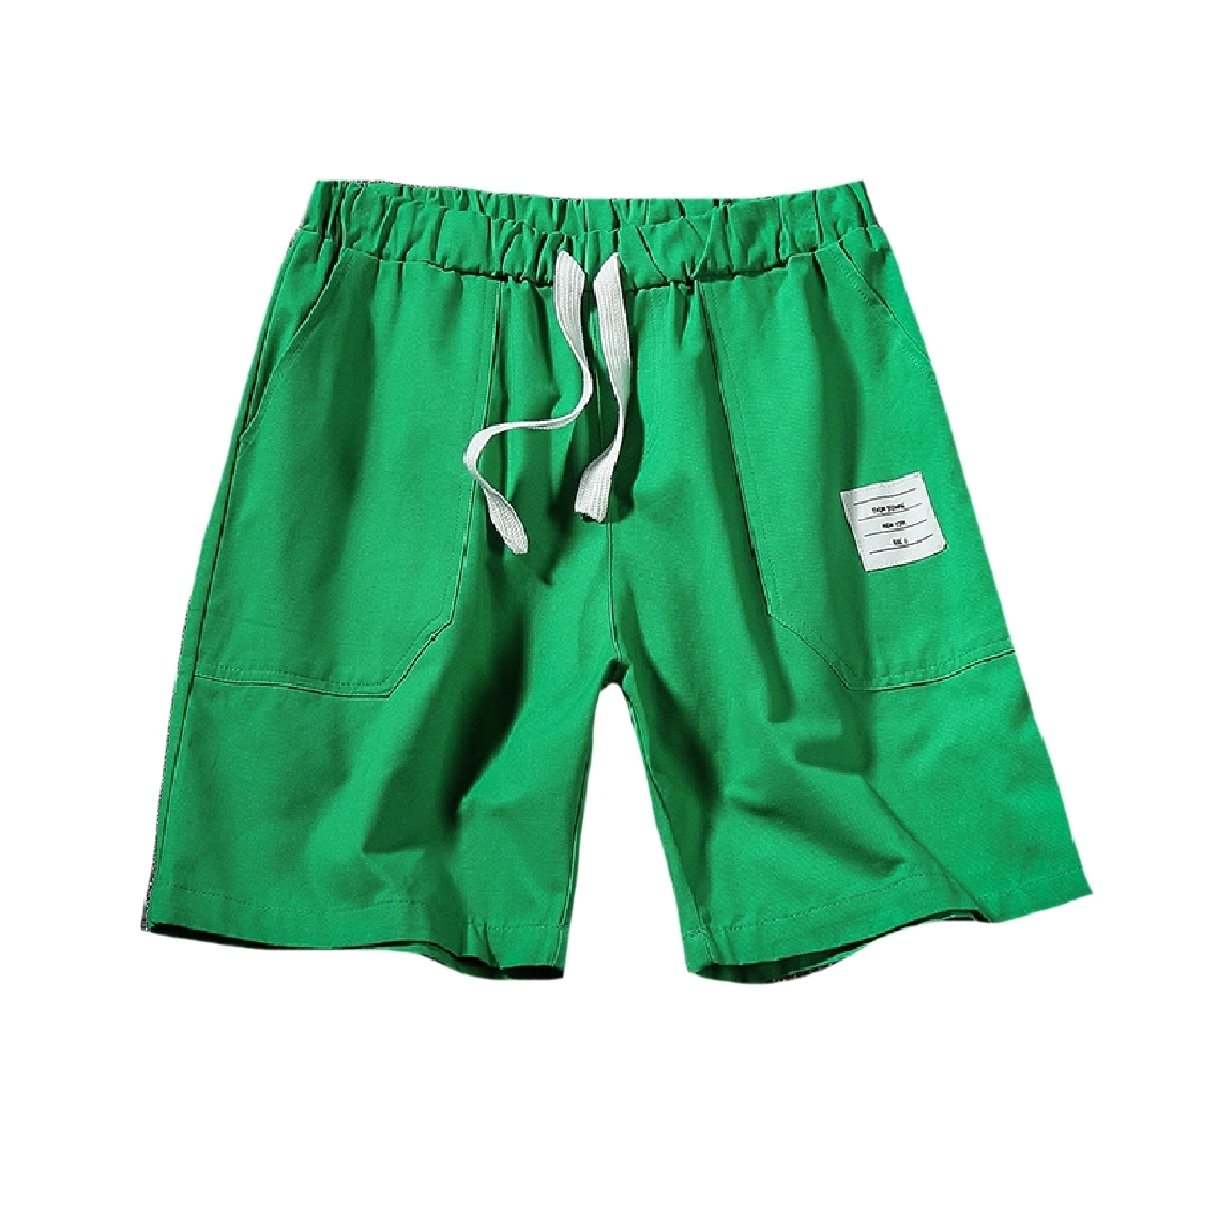 Mfasica Men Fine Cotton Solid-Colored Wide Leg Oversized Midi Shorts Green 4XL